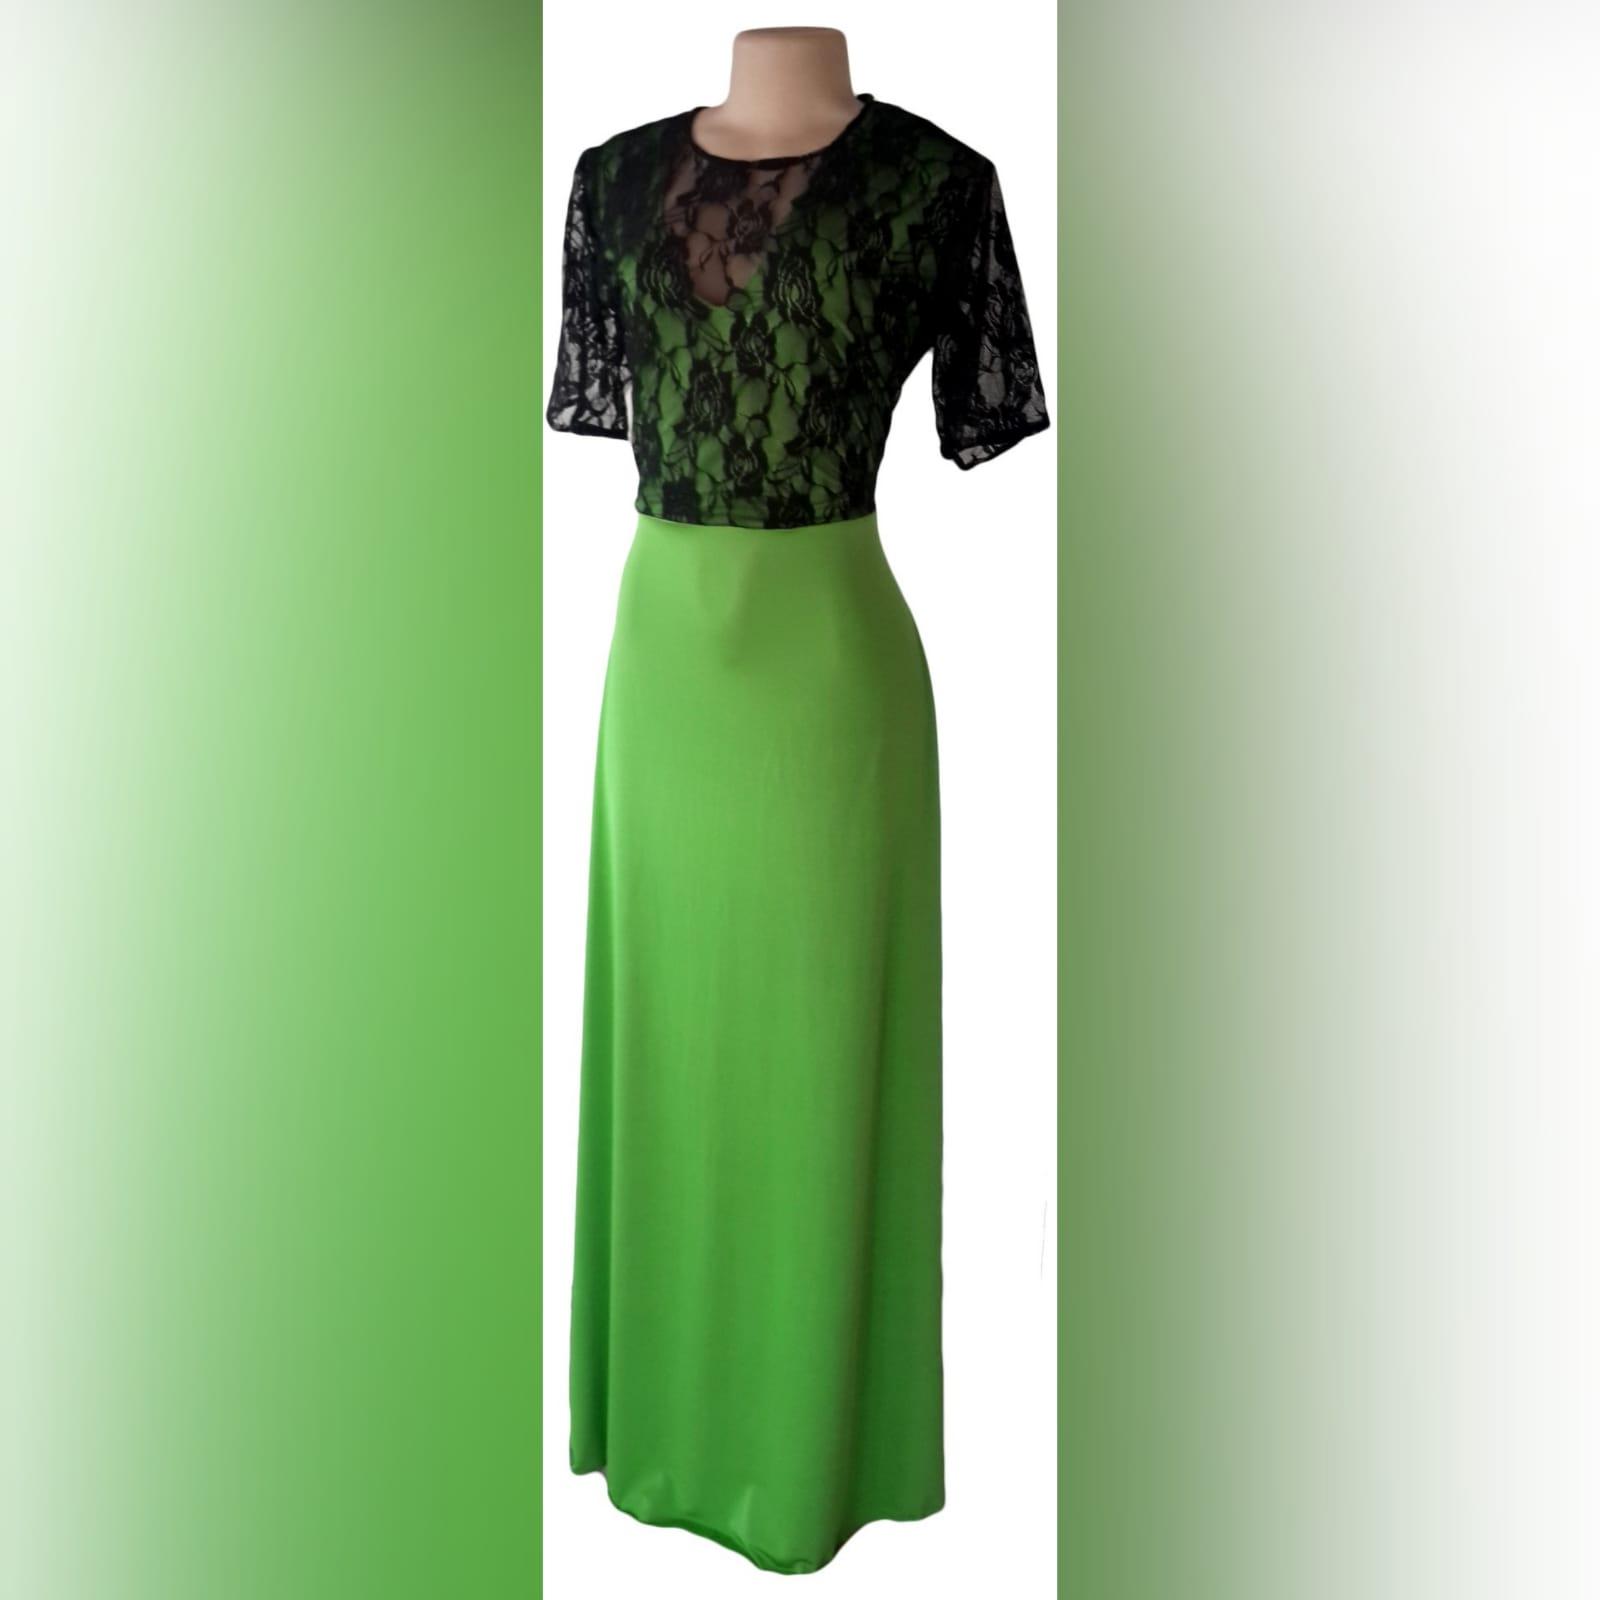 Vestidos de dama de honra verde e preto 4 vestidos de dama de honra verde e preto. Corpete com uma sobreposição de renda preta.